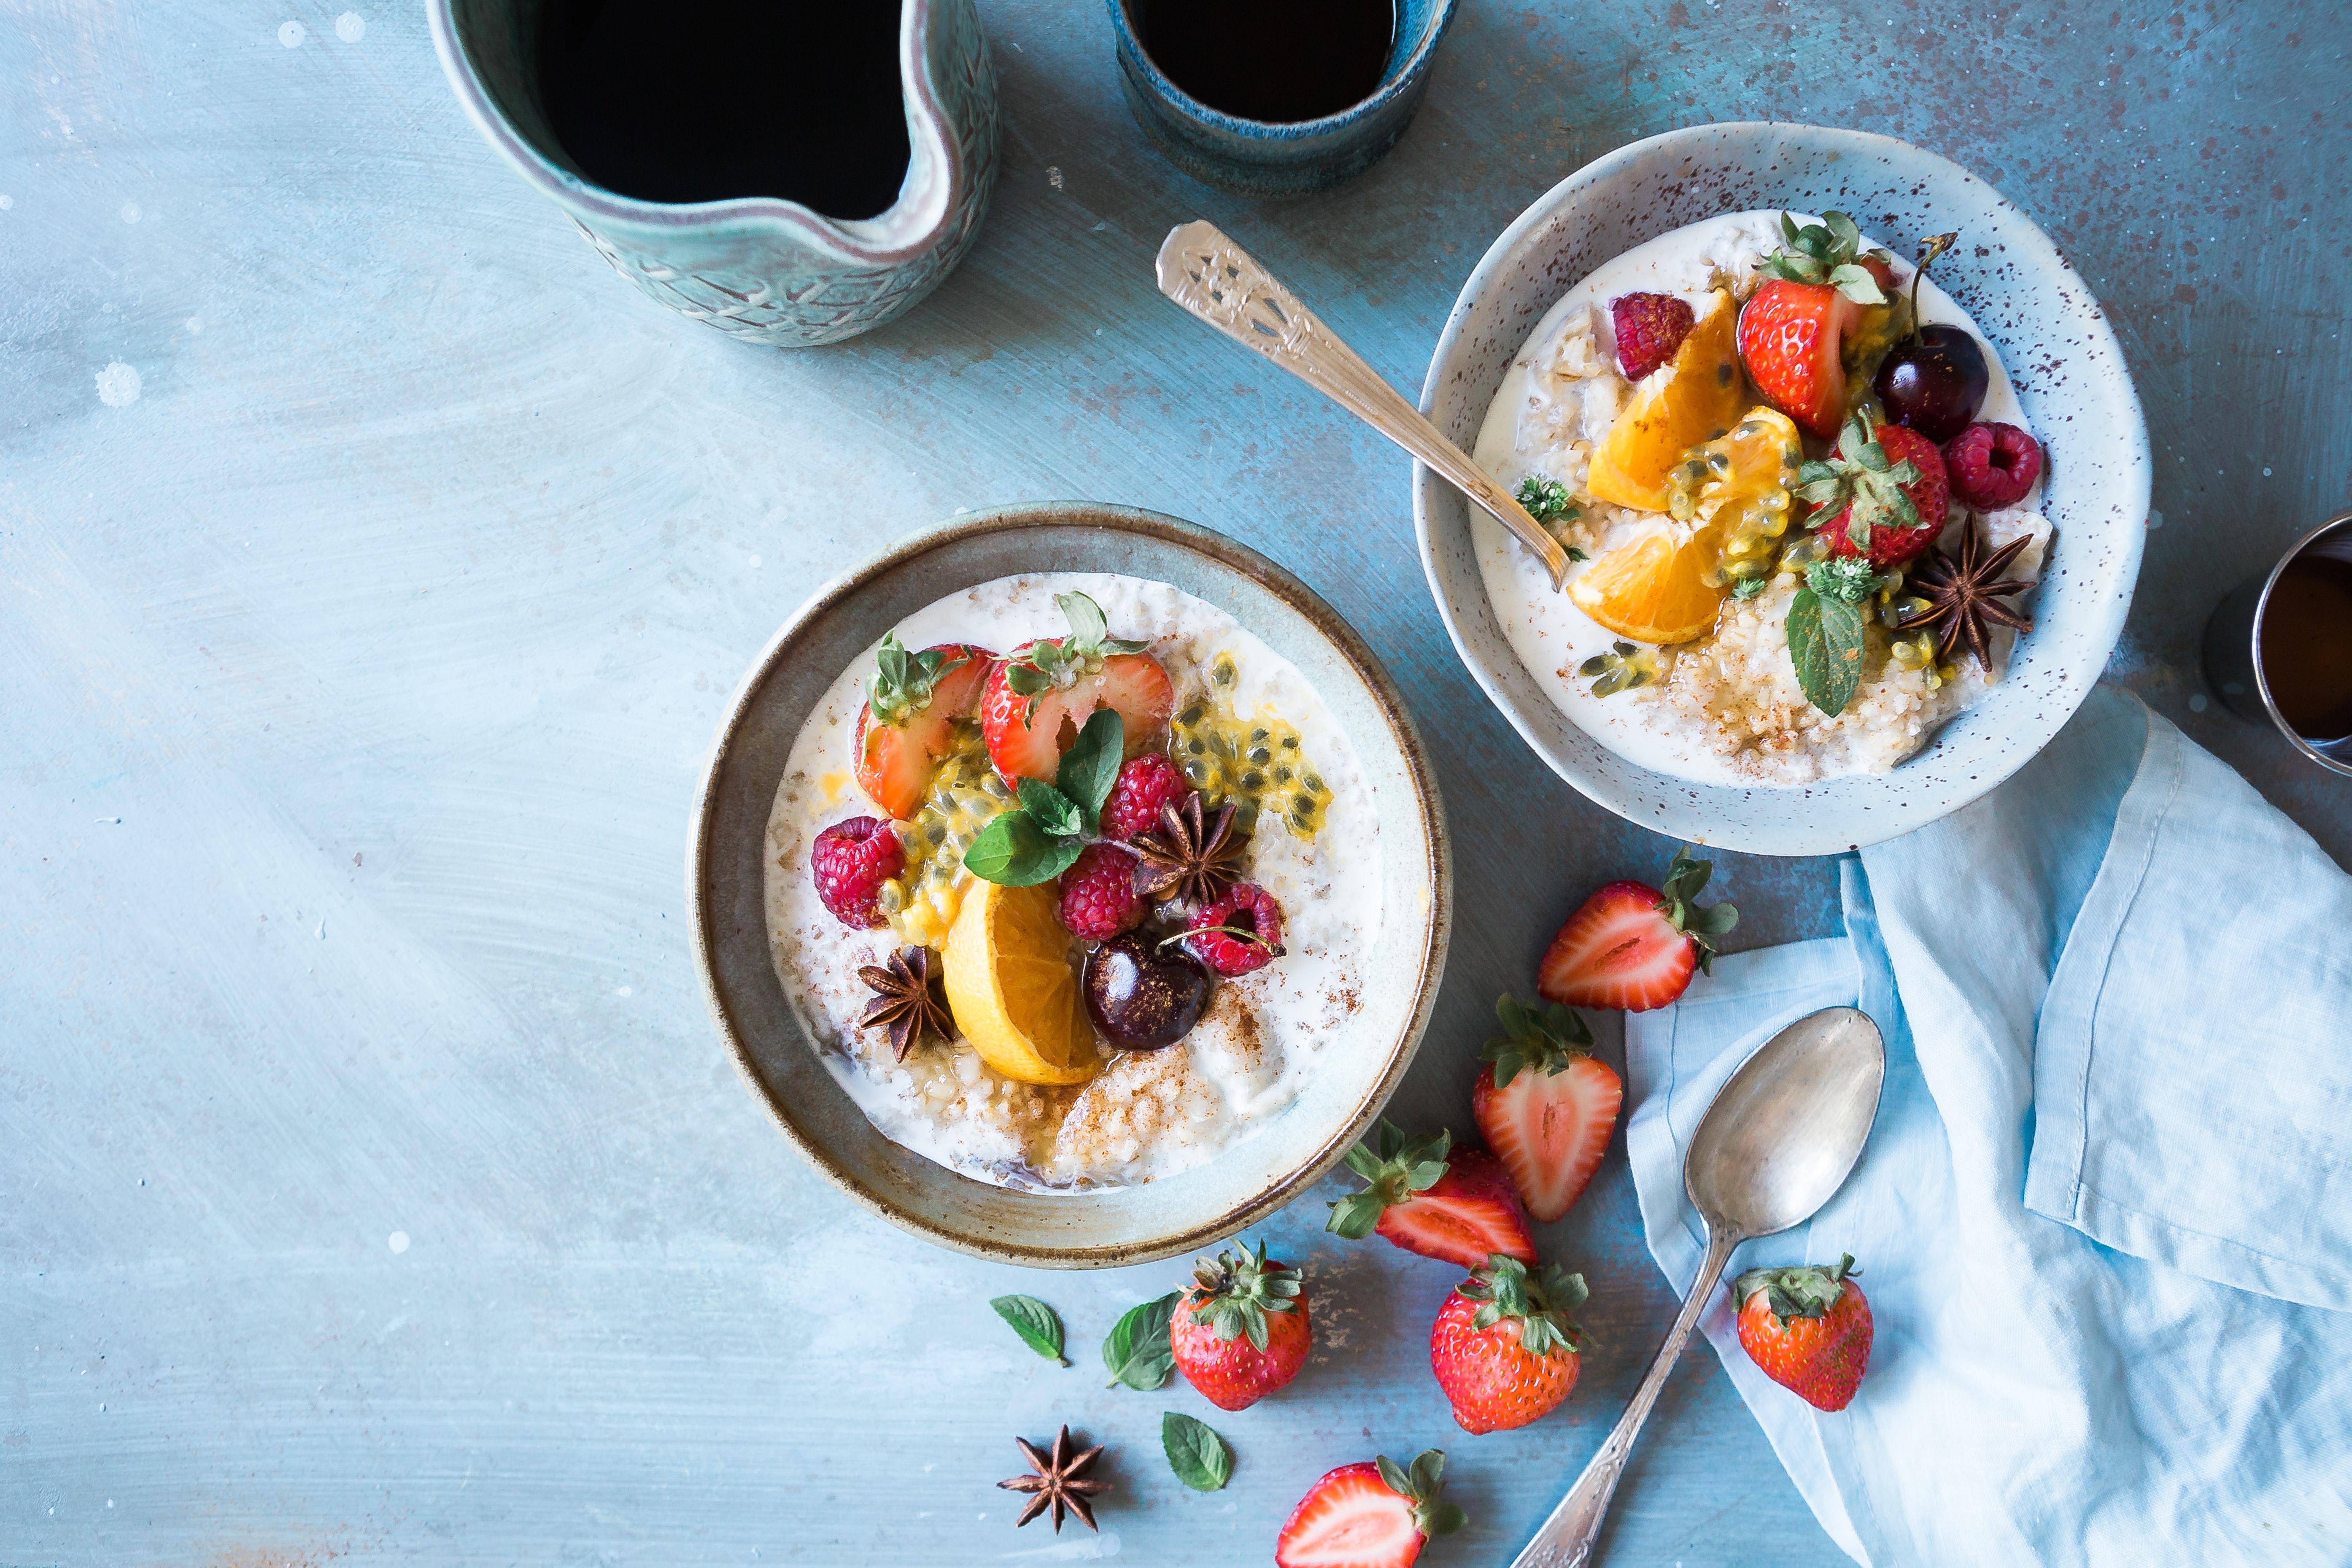 ACWM Breakfast Vs Fasting